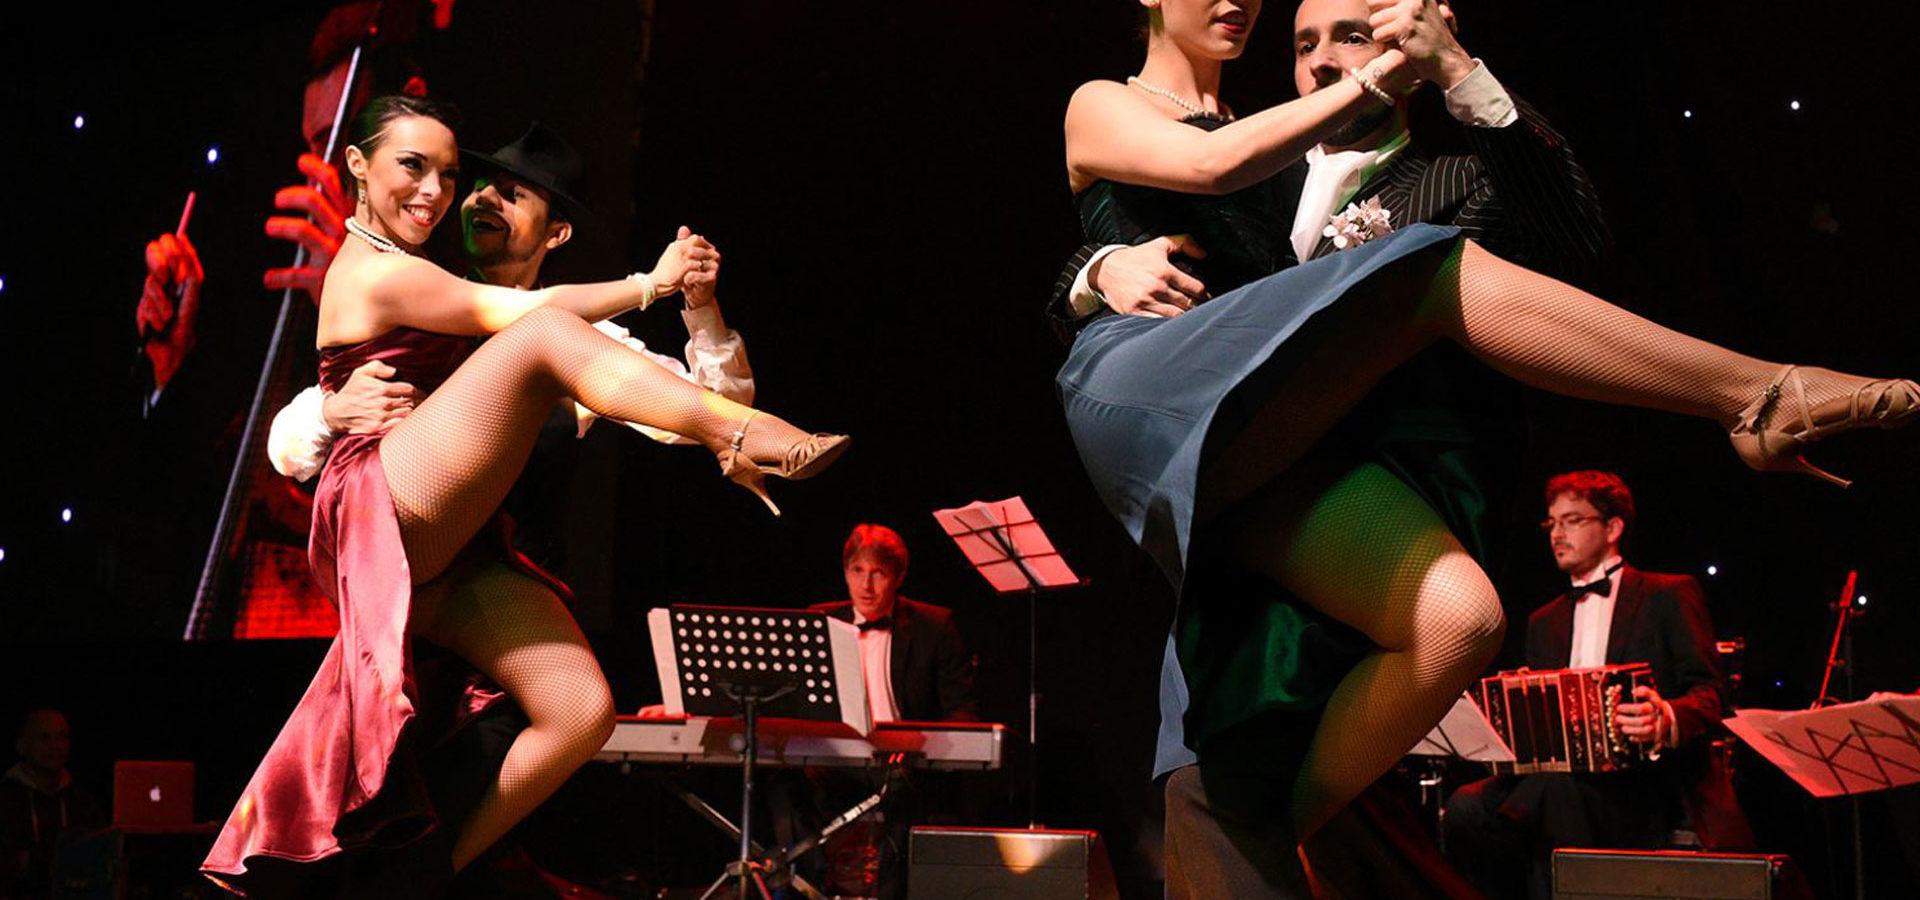 cena-show-1